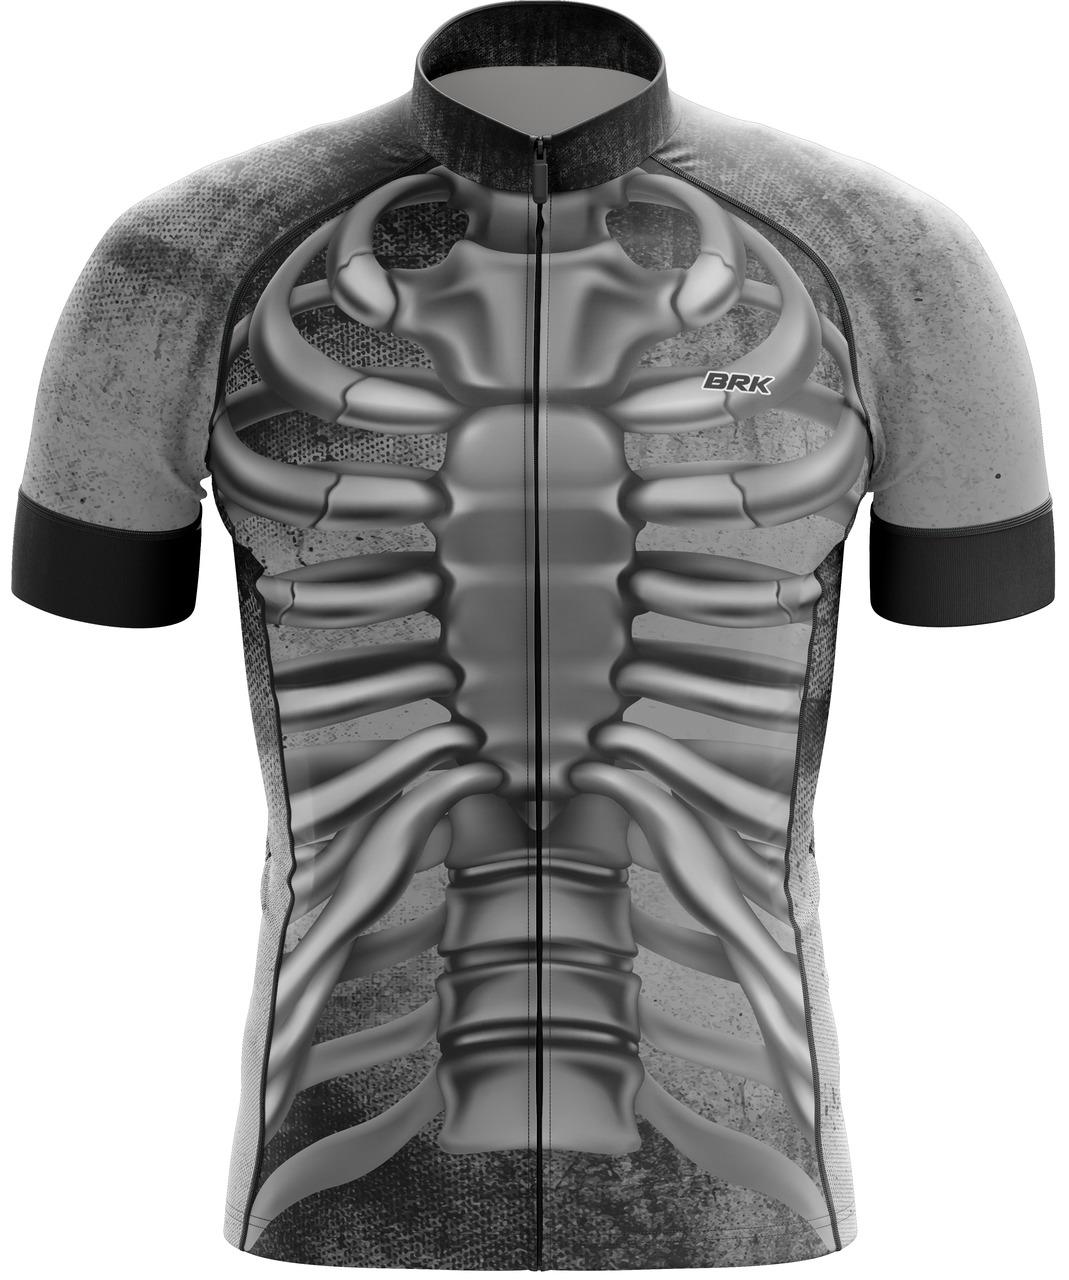 Camisa Ciclismo Brk Esqueleto com FPU 50+